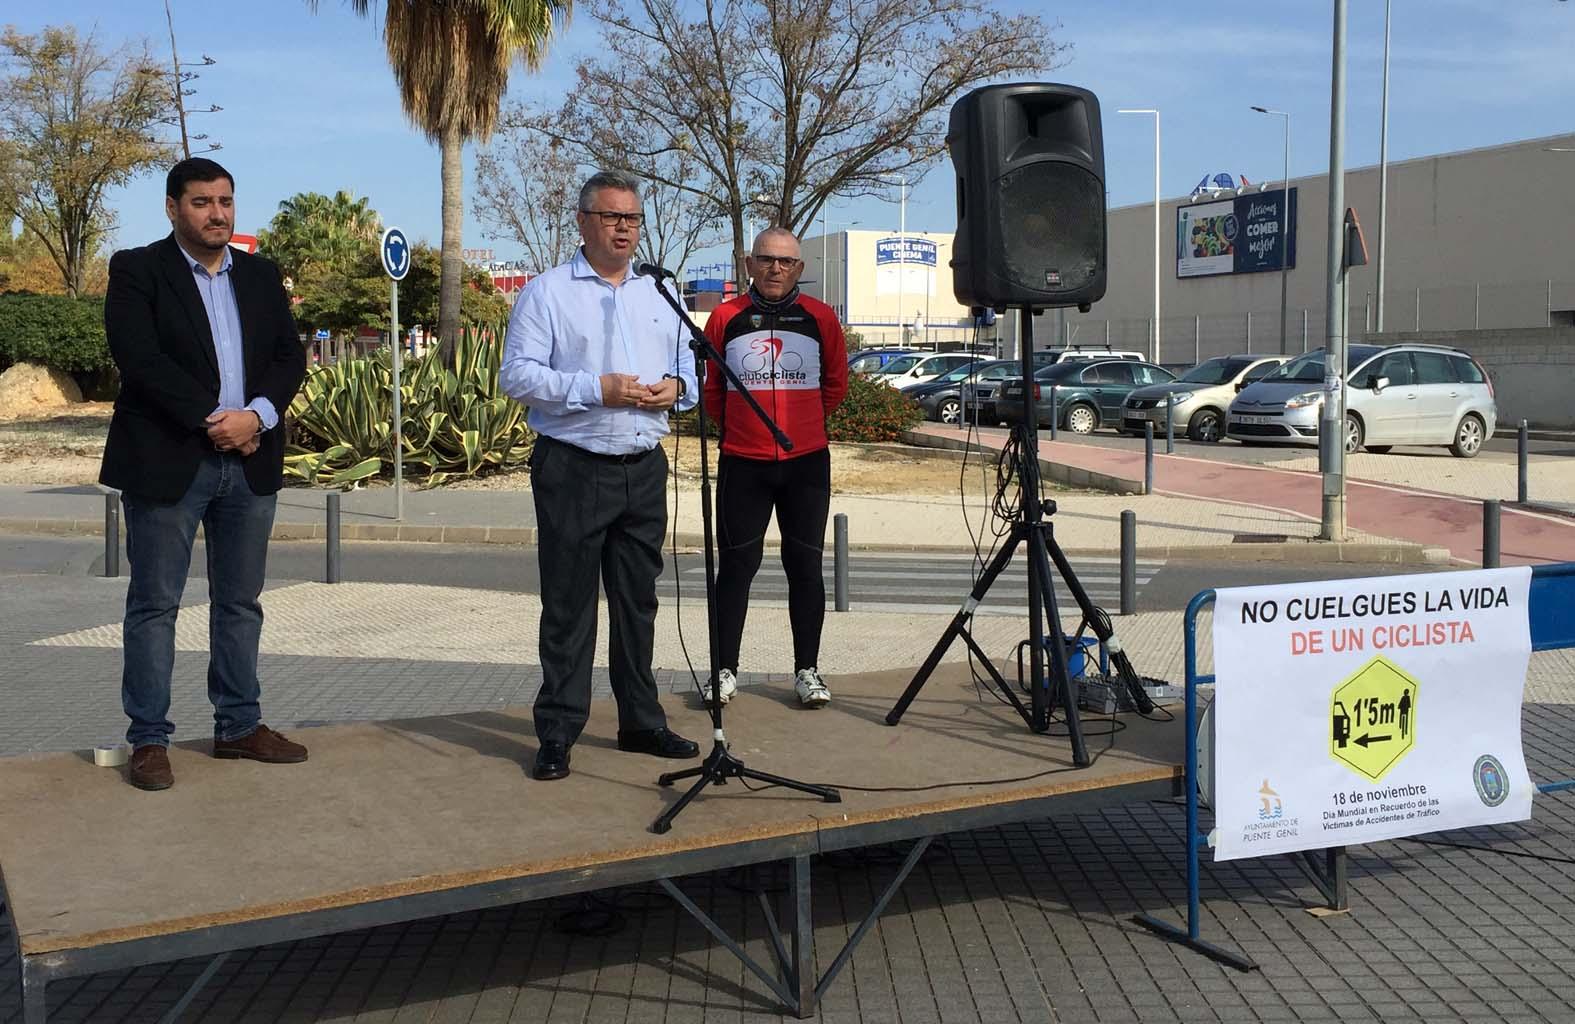 El alcalde se dirige a los ciclistas